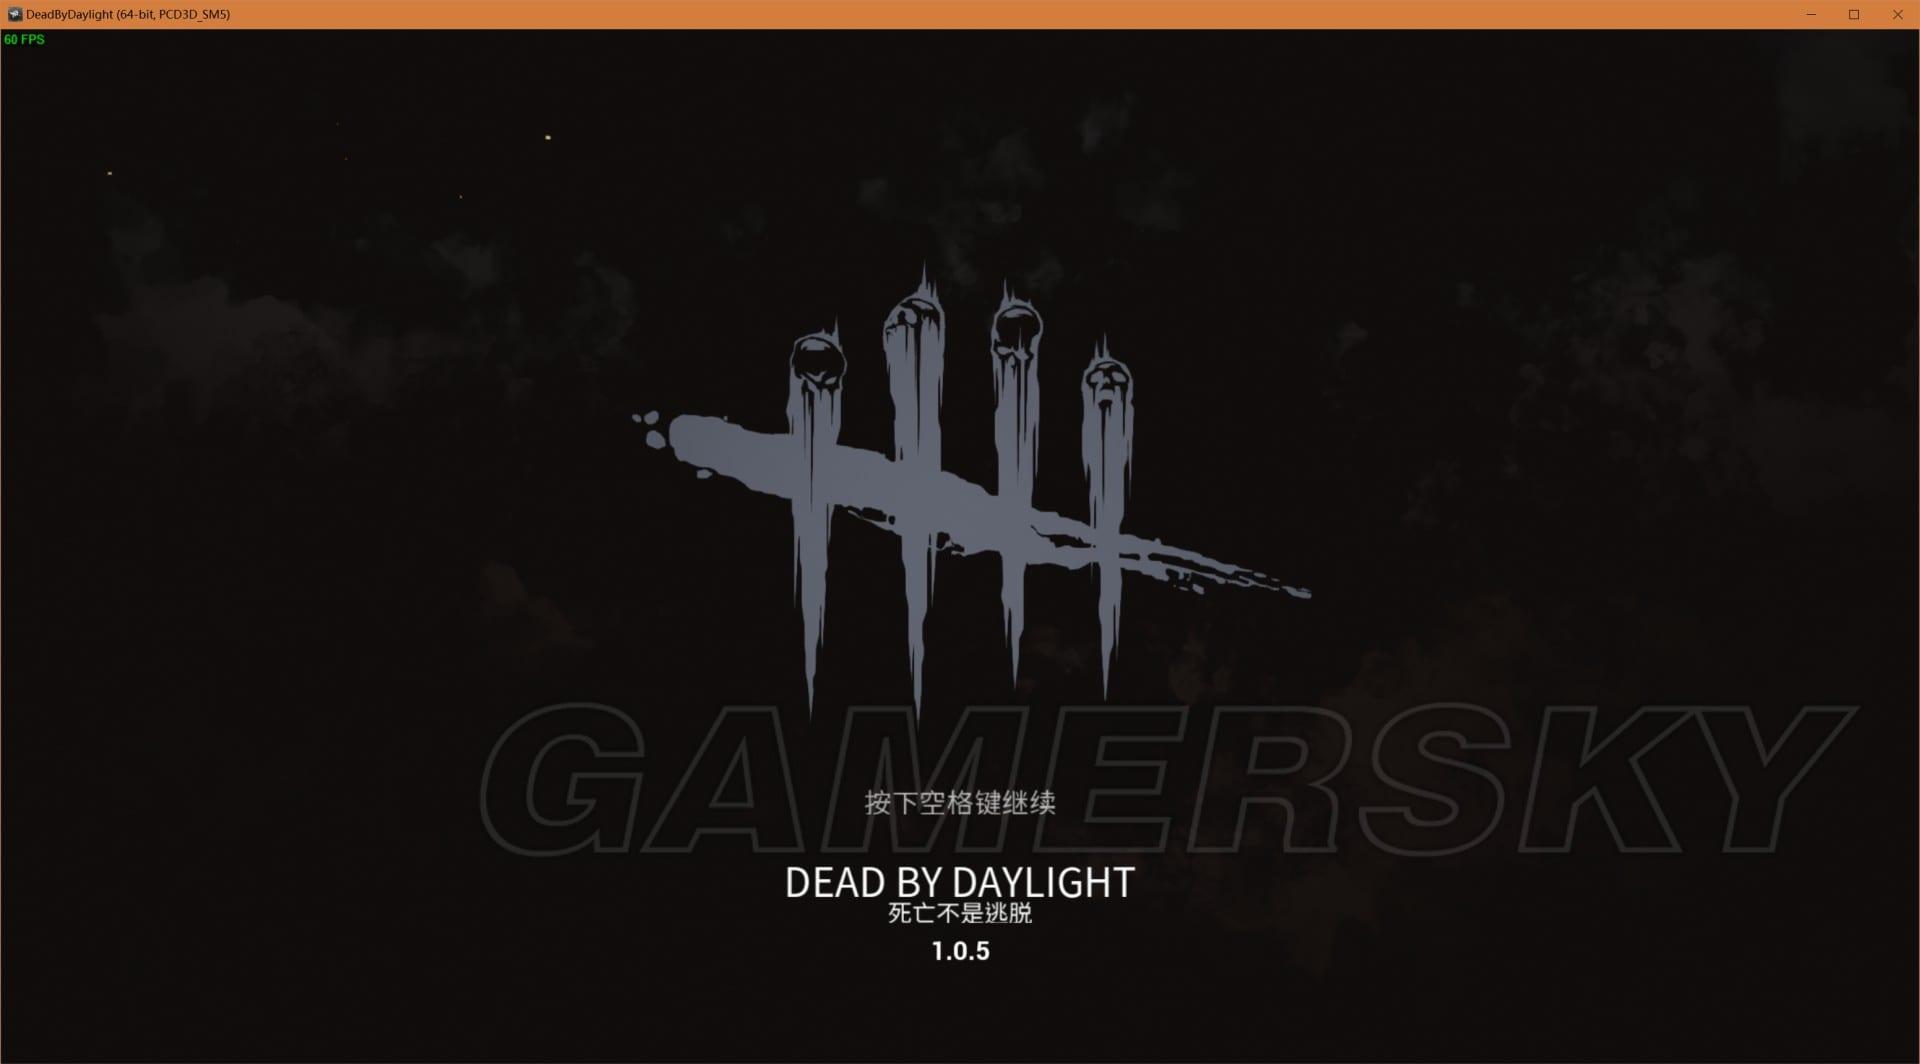 黎明死線 Dead by Daylight 新手上手基礎圖文教學 安裝與角色圖文介紹